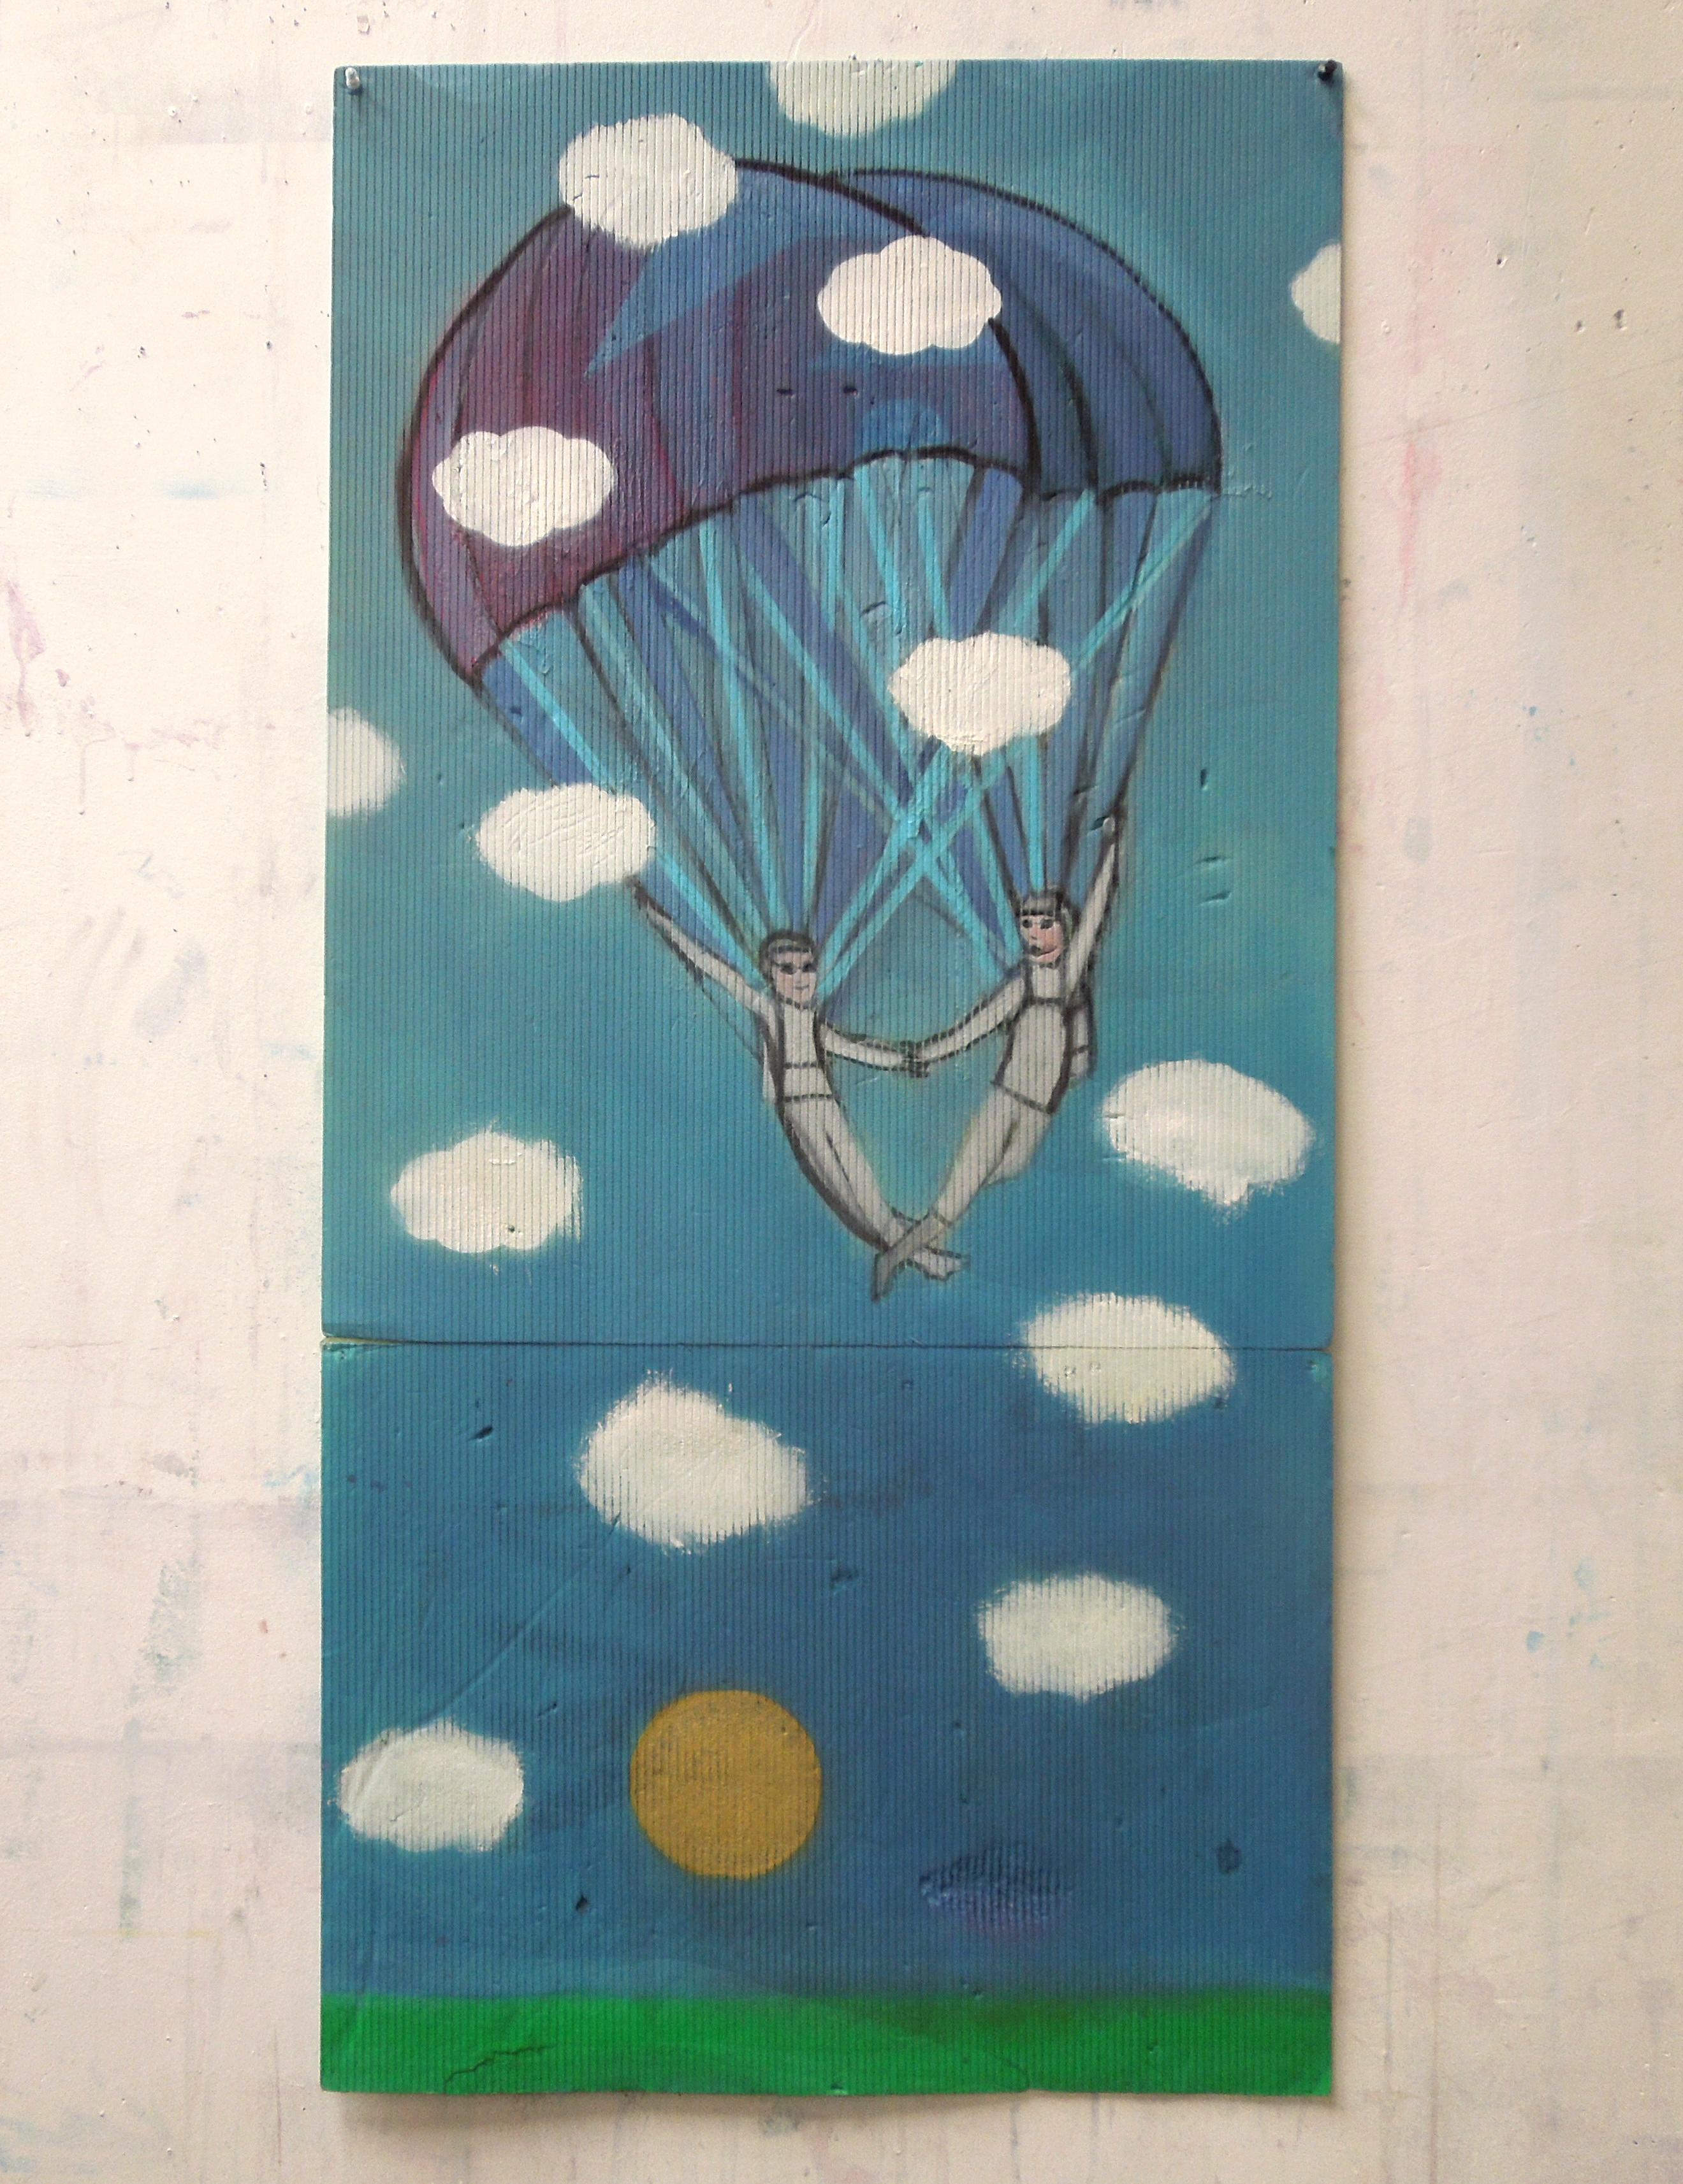 Parachute_team_126x63cm